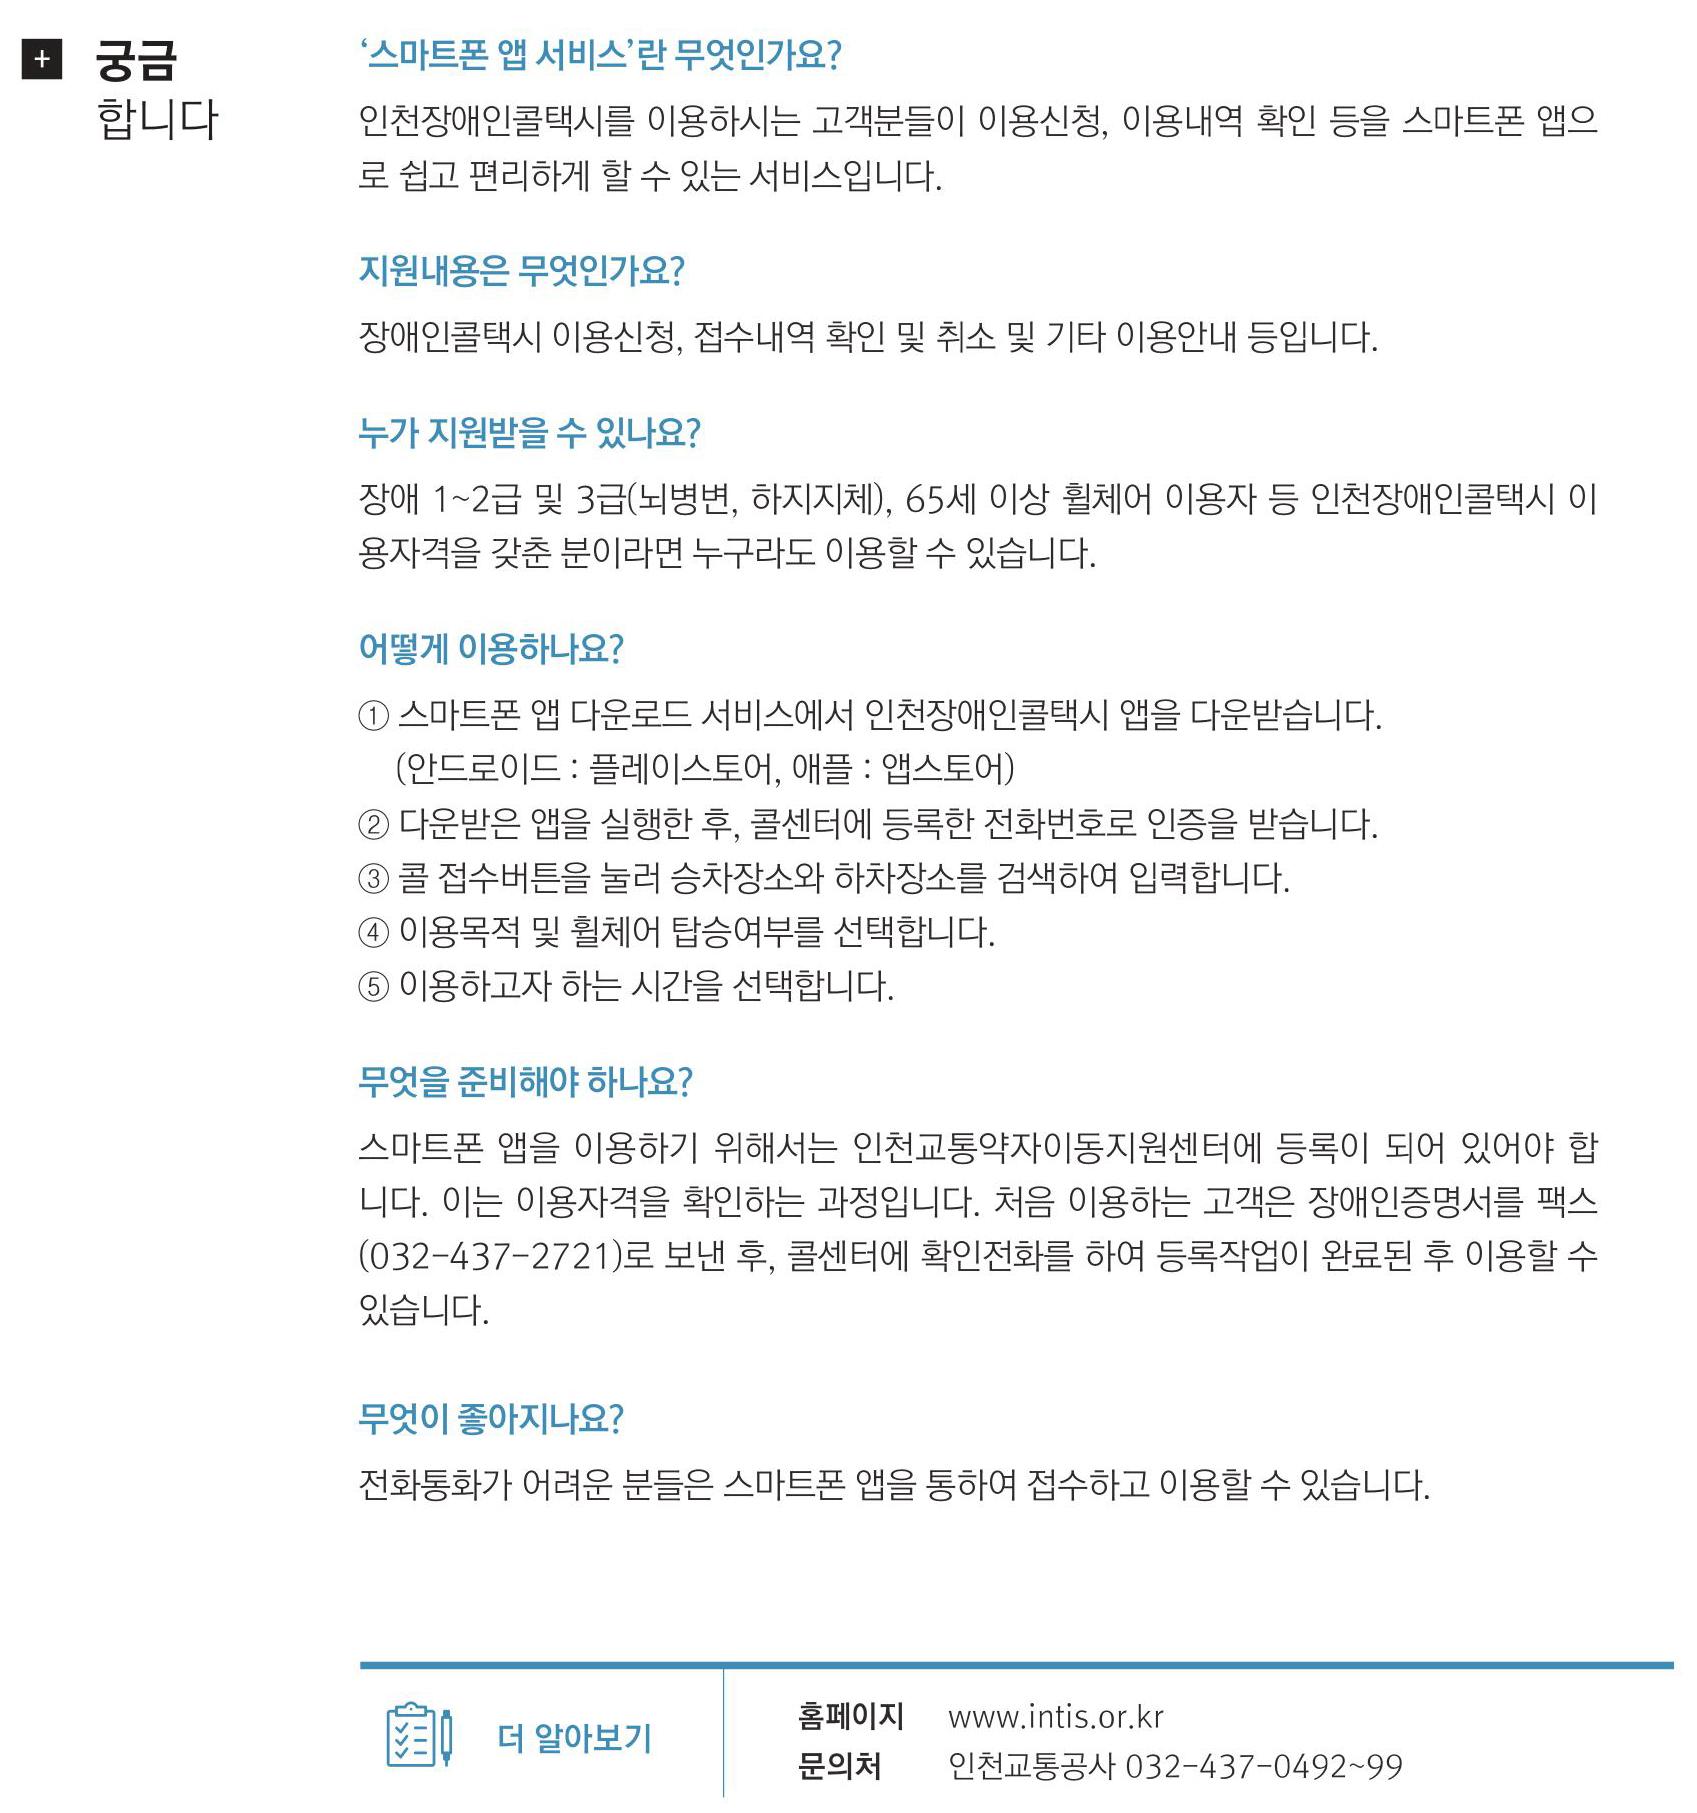 인천-장애인콜택시-서비스